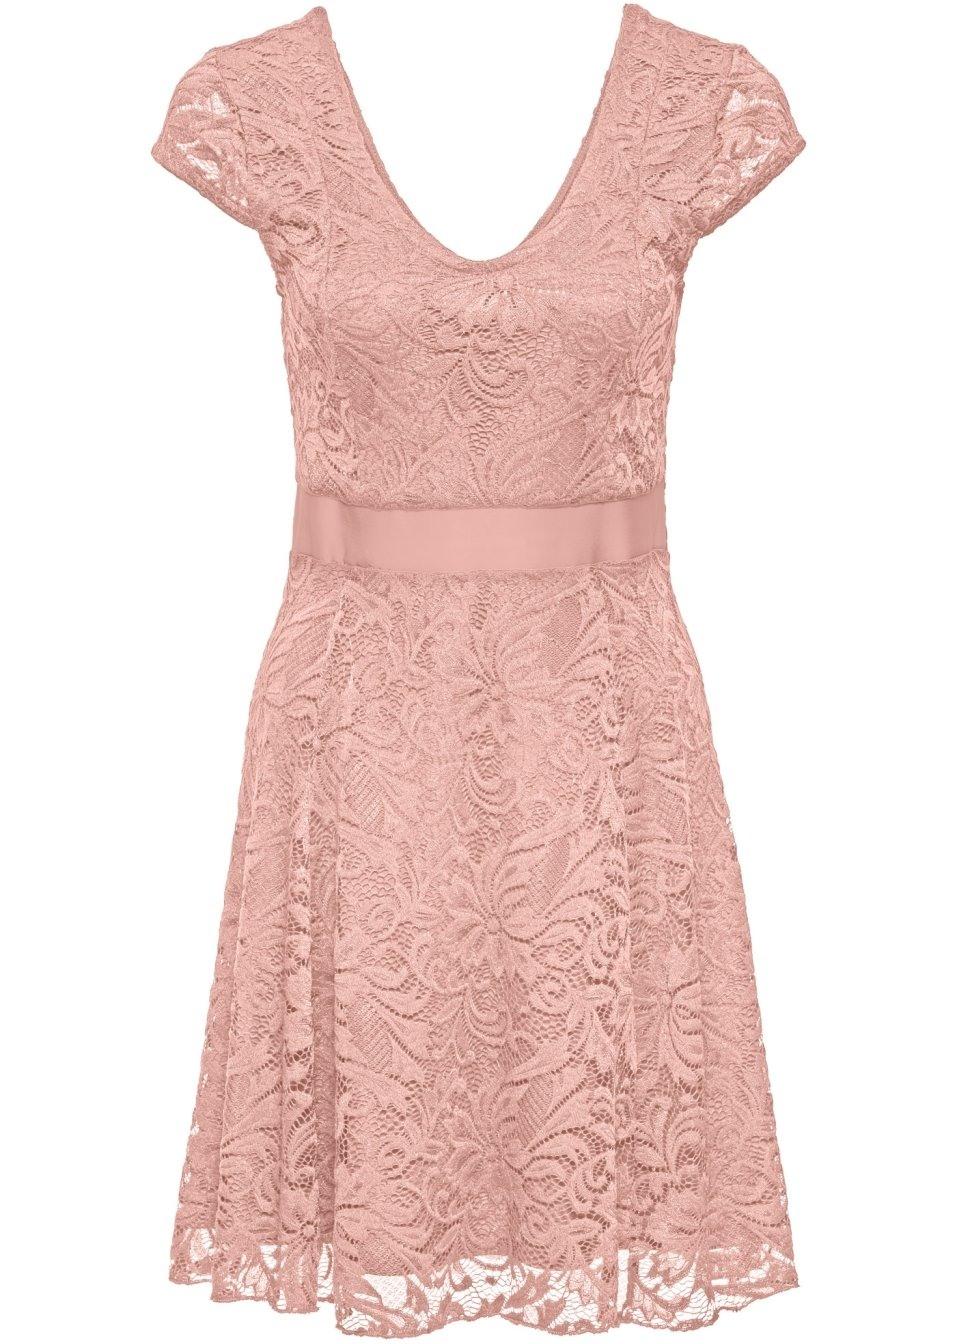 Abend Schön Kleid Rosa Spitze Kurz Bester Preis13 Luxus Kleid Rosa Spitze Kurz Design